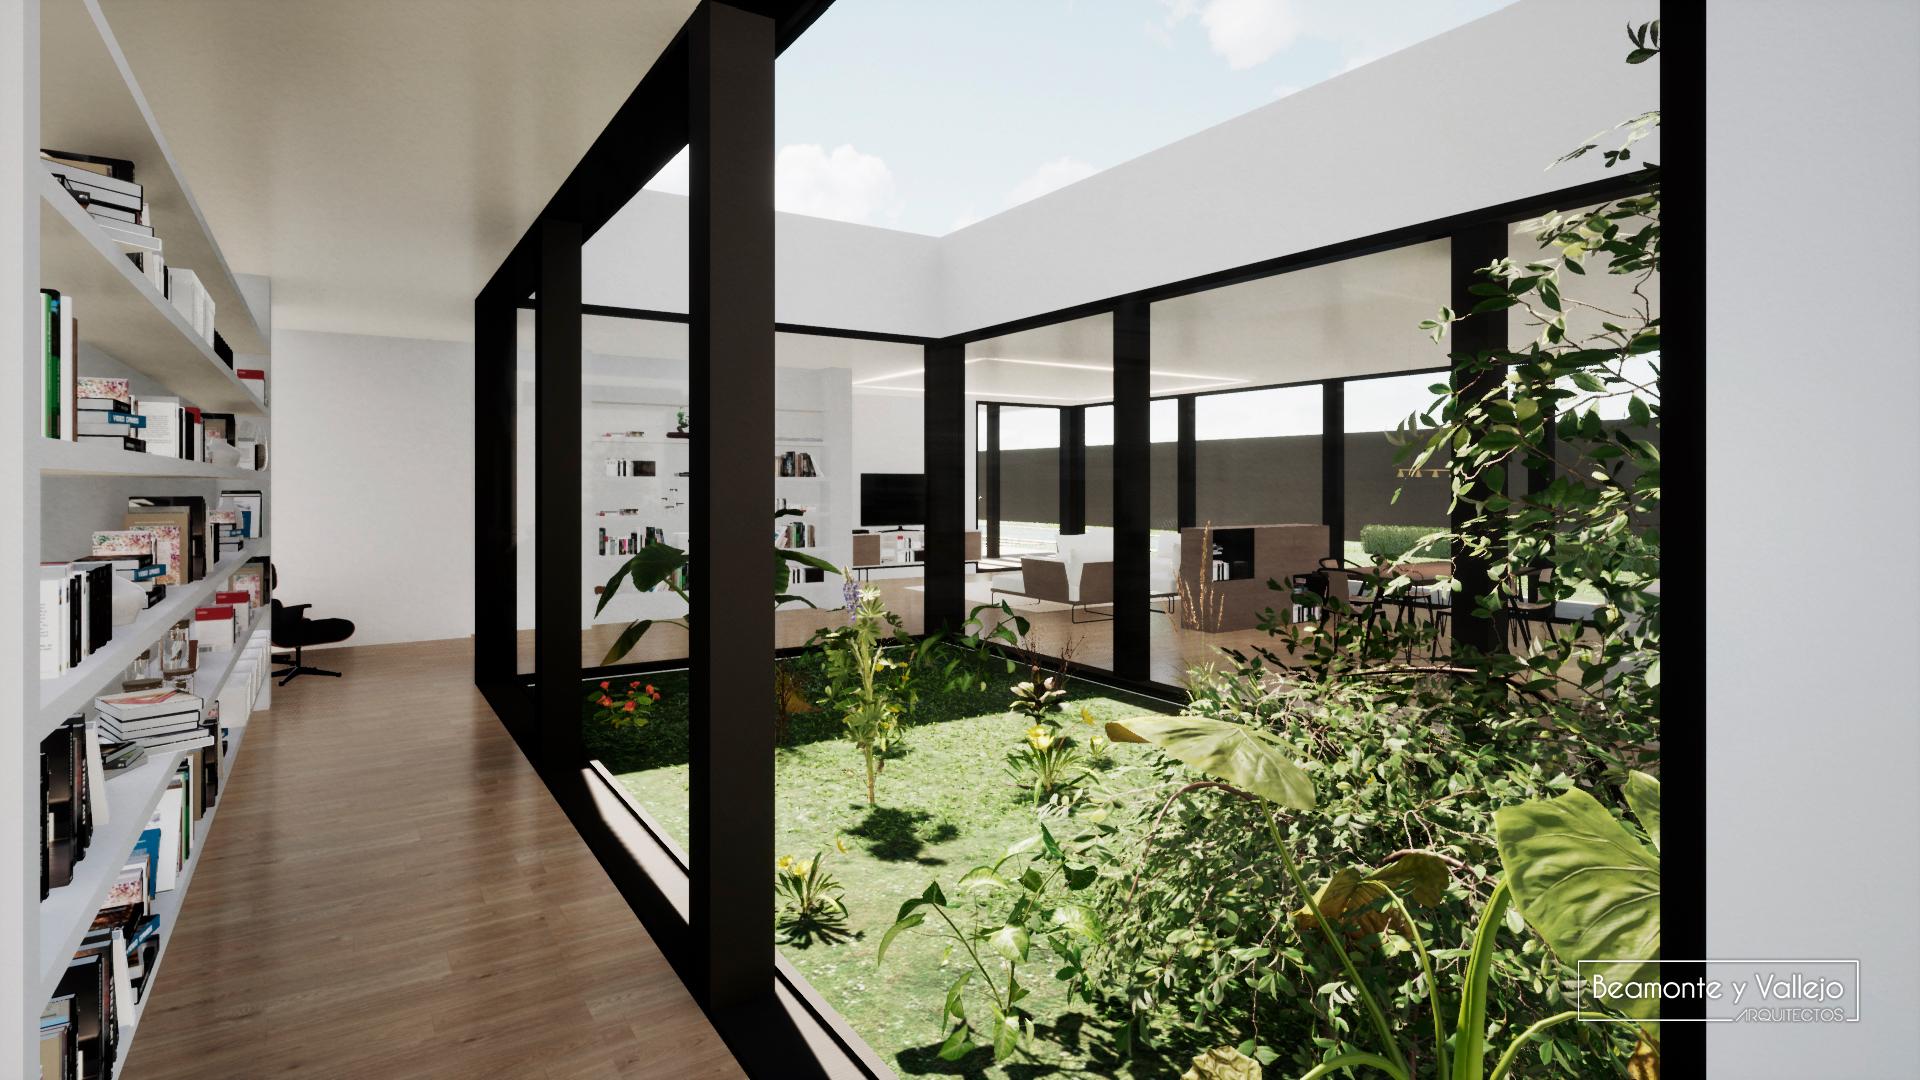 Beamonte y Vallejo Arquitectos - Passivhaus Zorongo I - 7